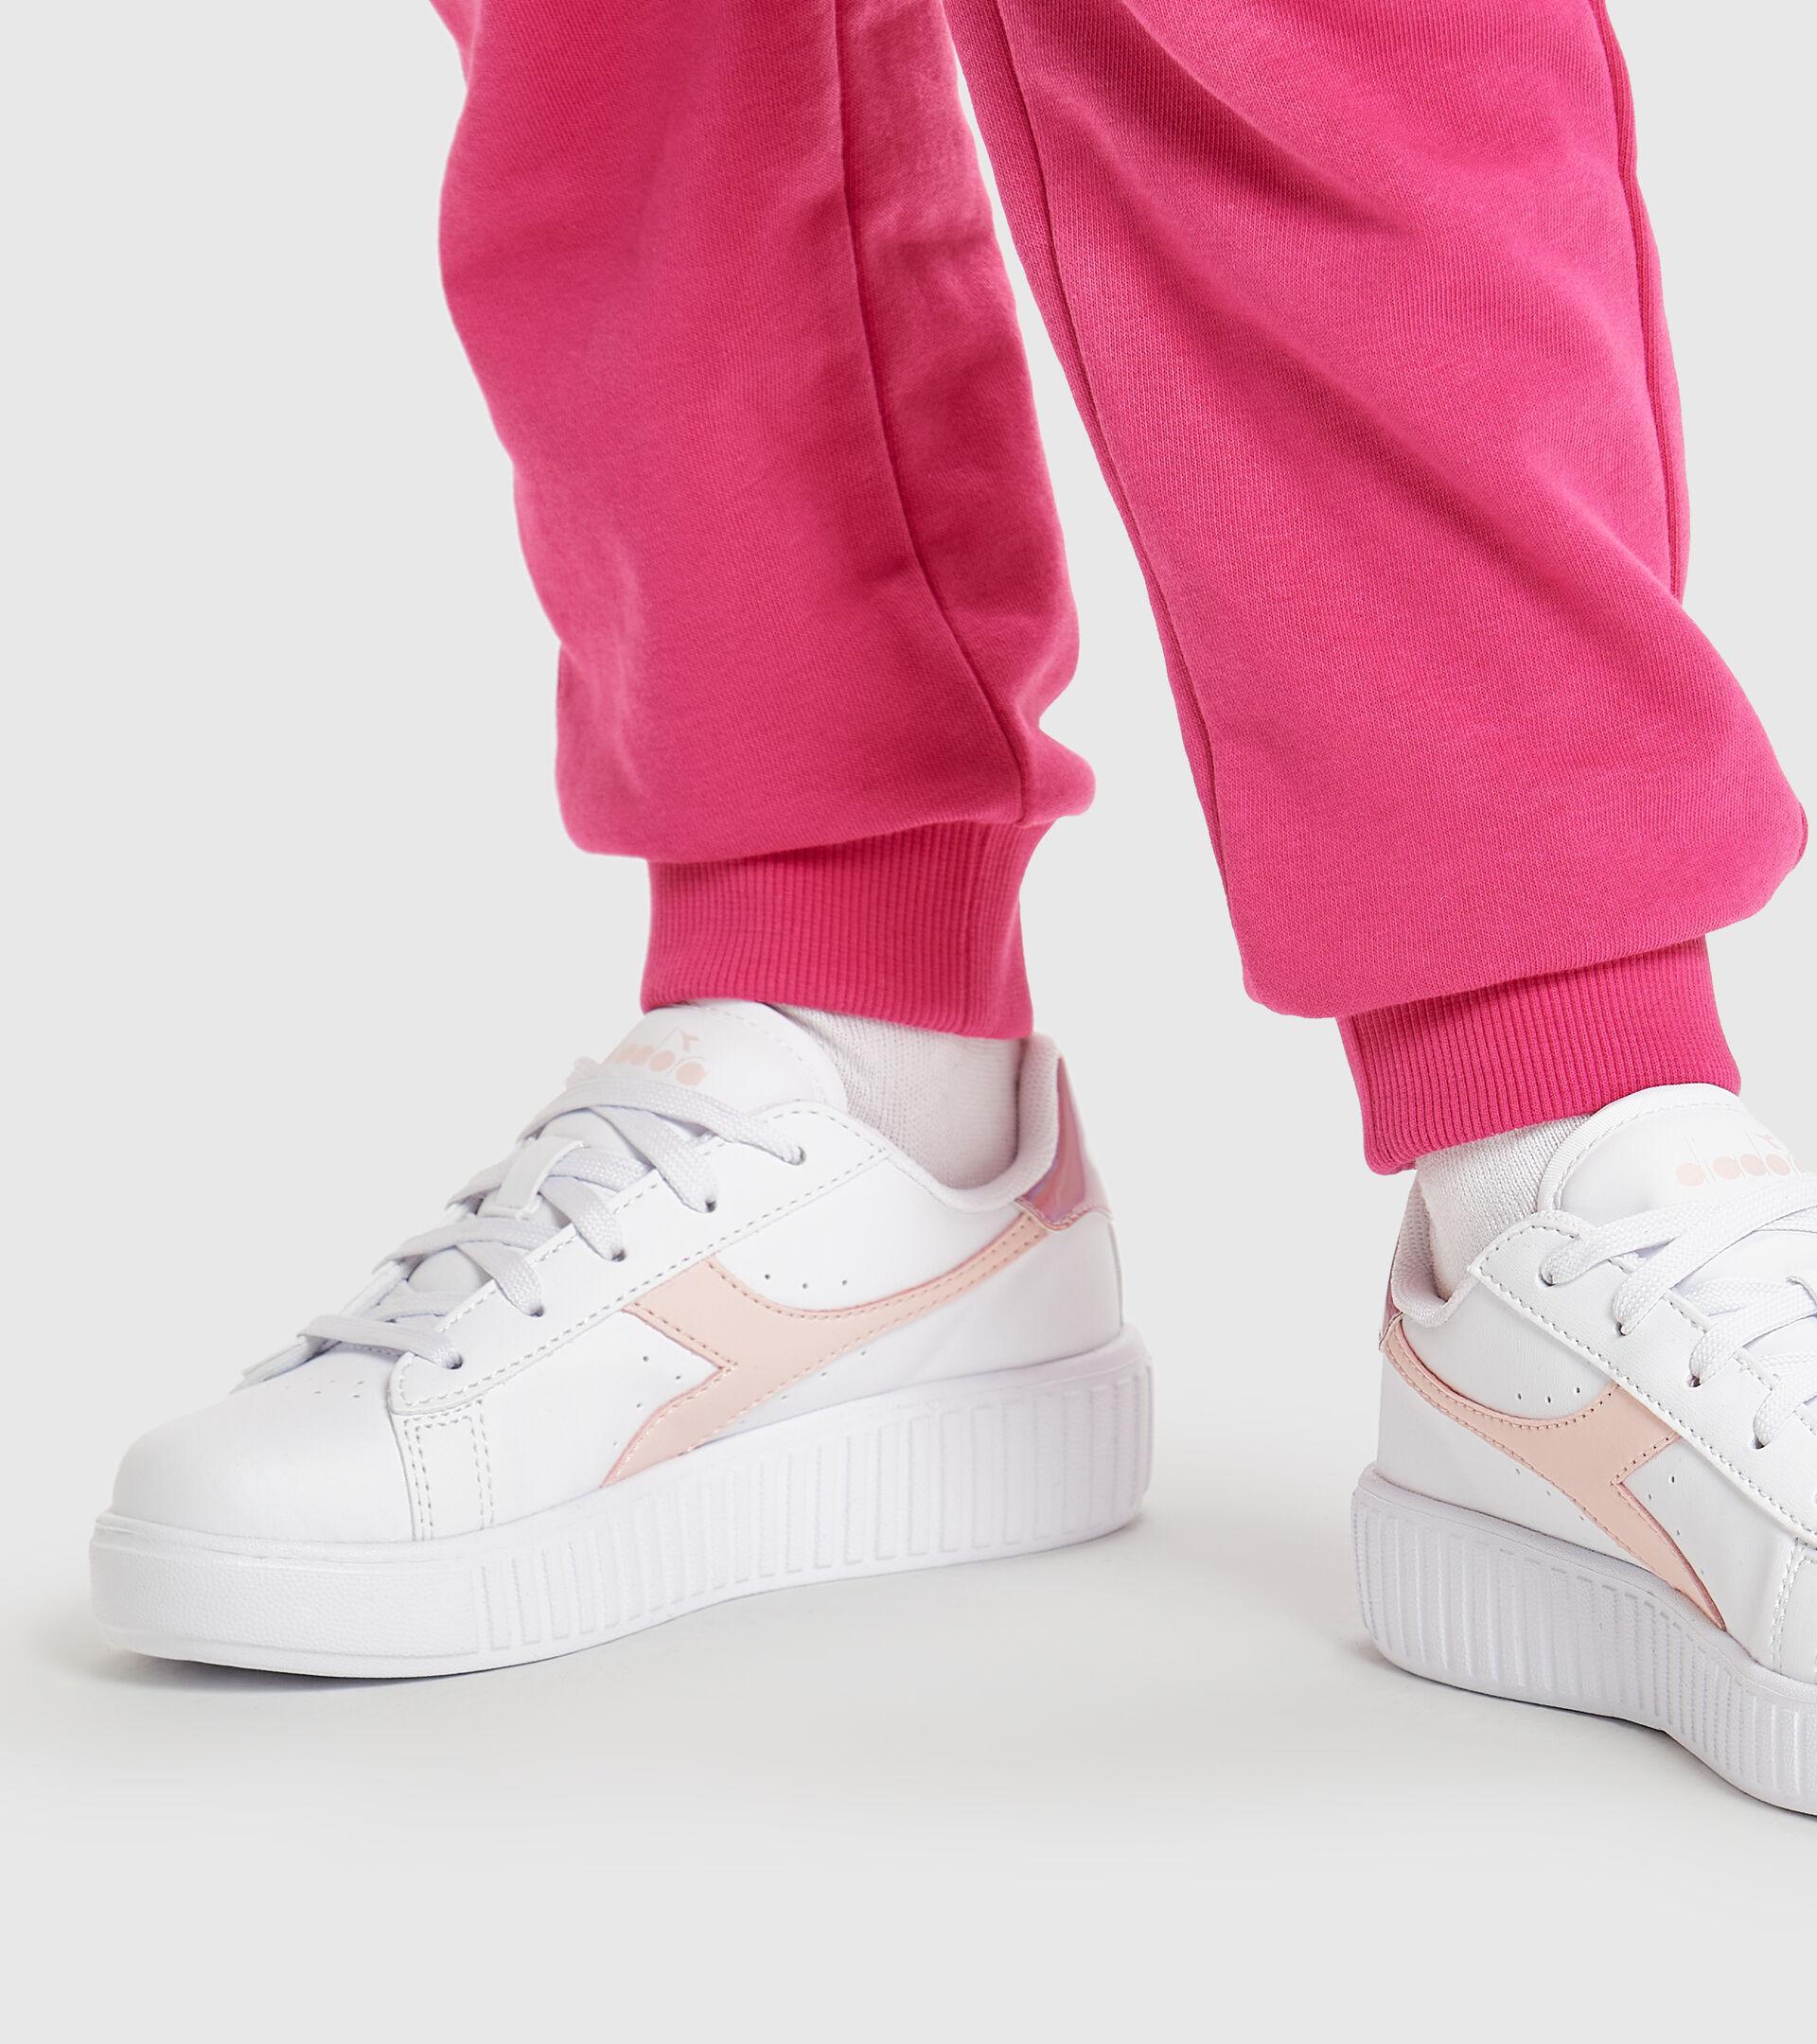 Chaussures de sport - Enfants 4-8 ans GAME STEP PS BLANC/ROSE VOILEE - Diadora